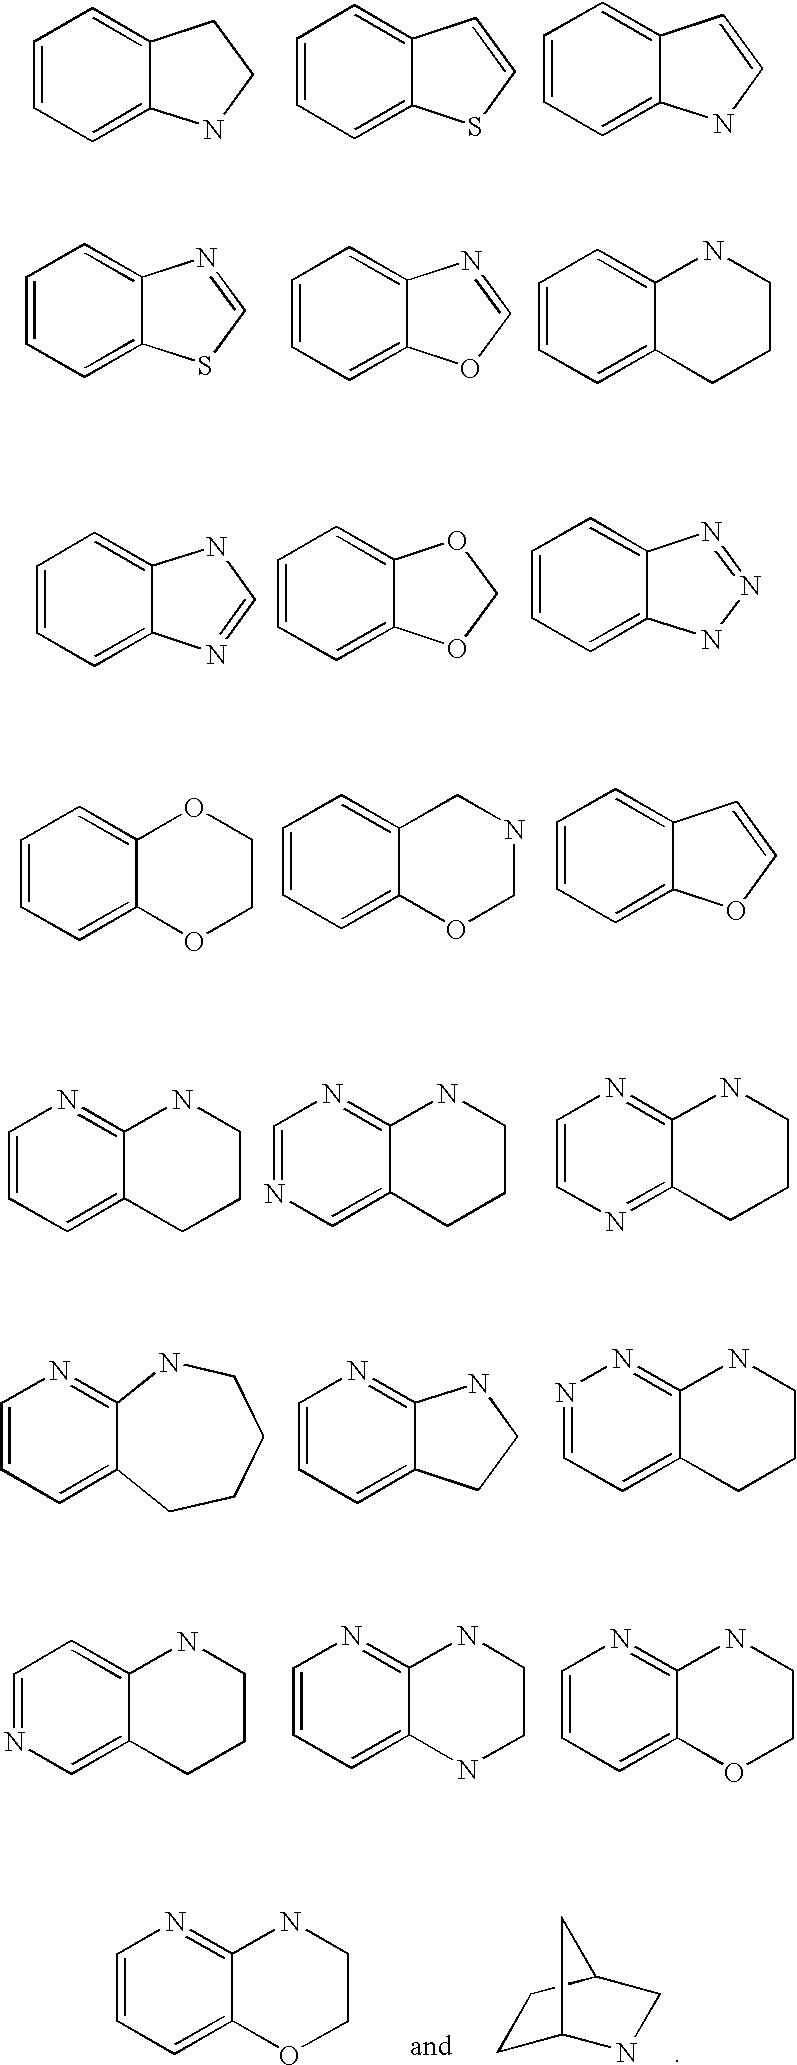 Figure US07534798-20090519-C00015